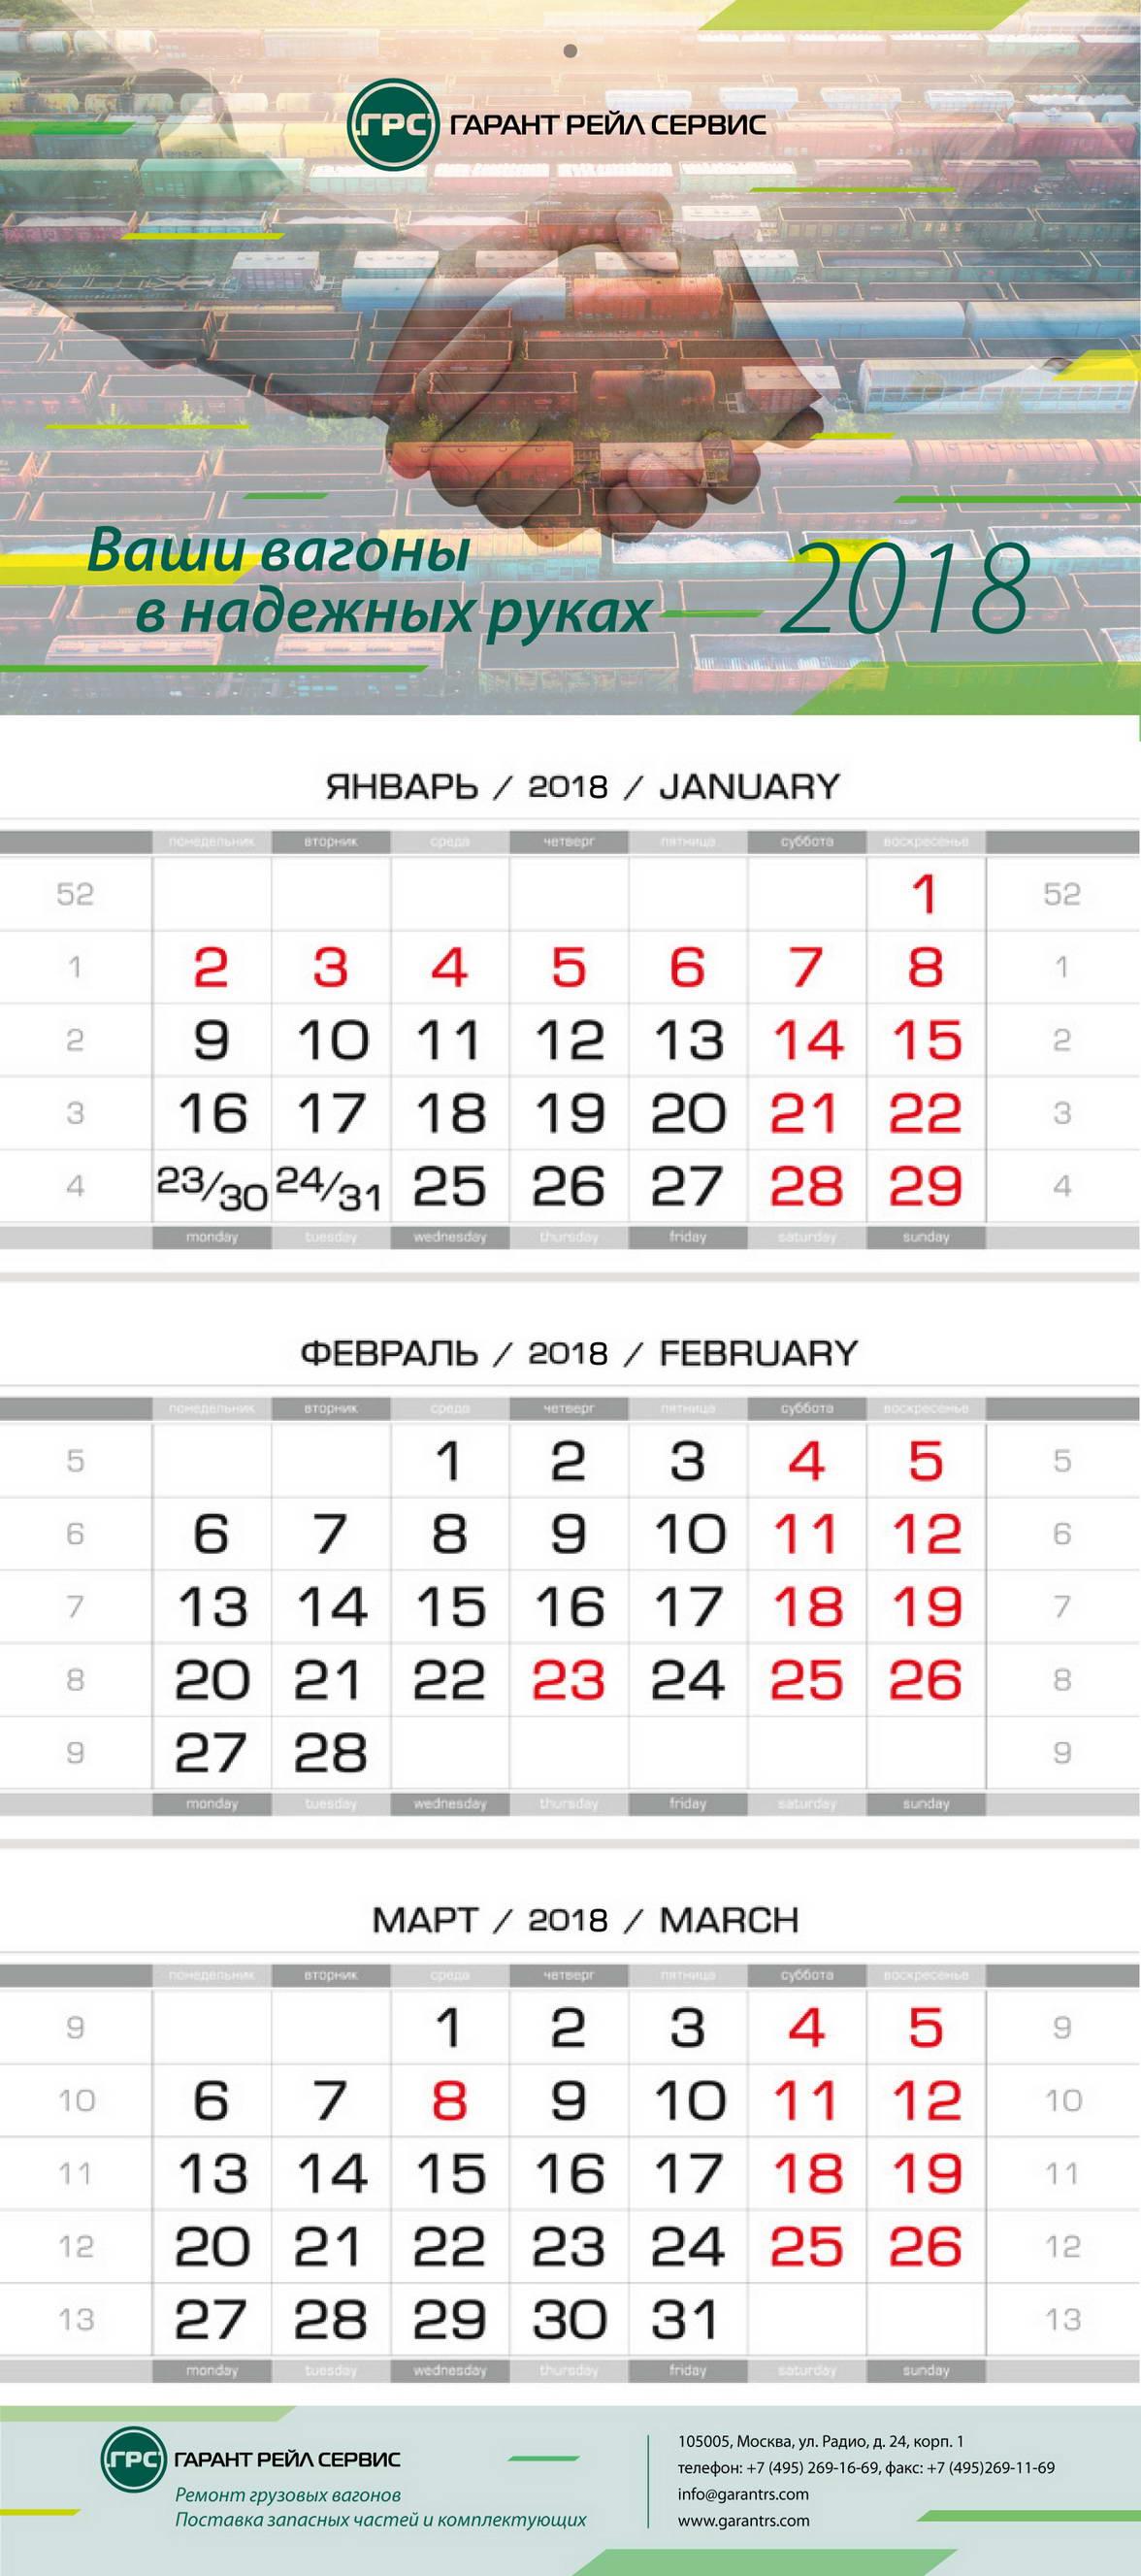 Дызайн карпаратыўнага календара 2018